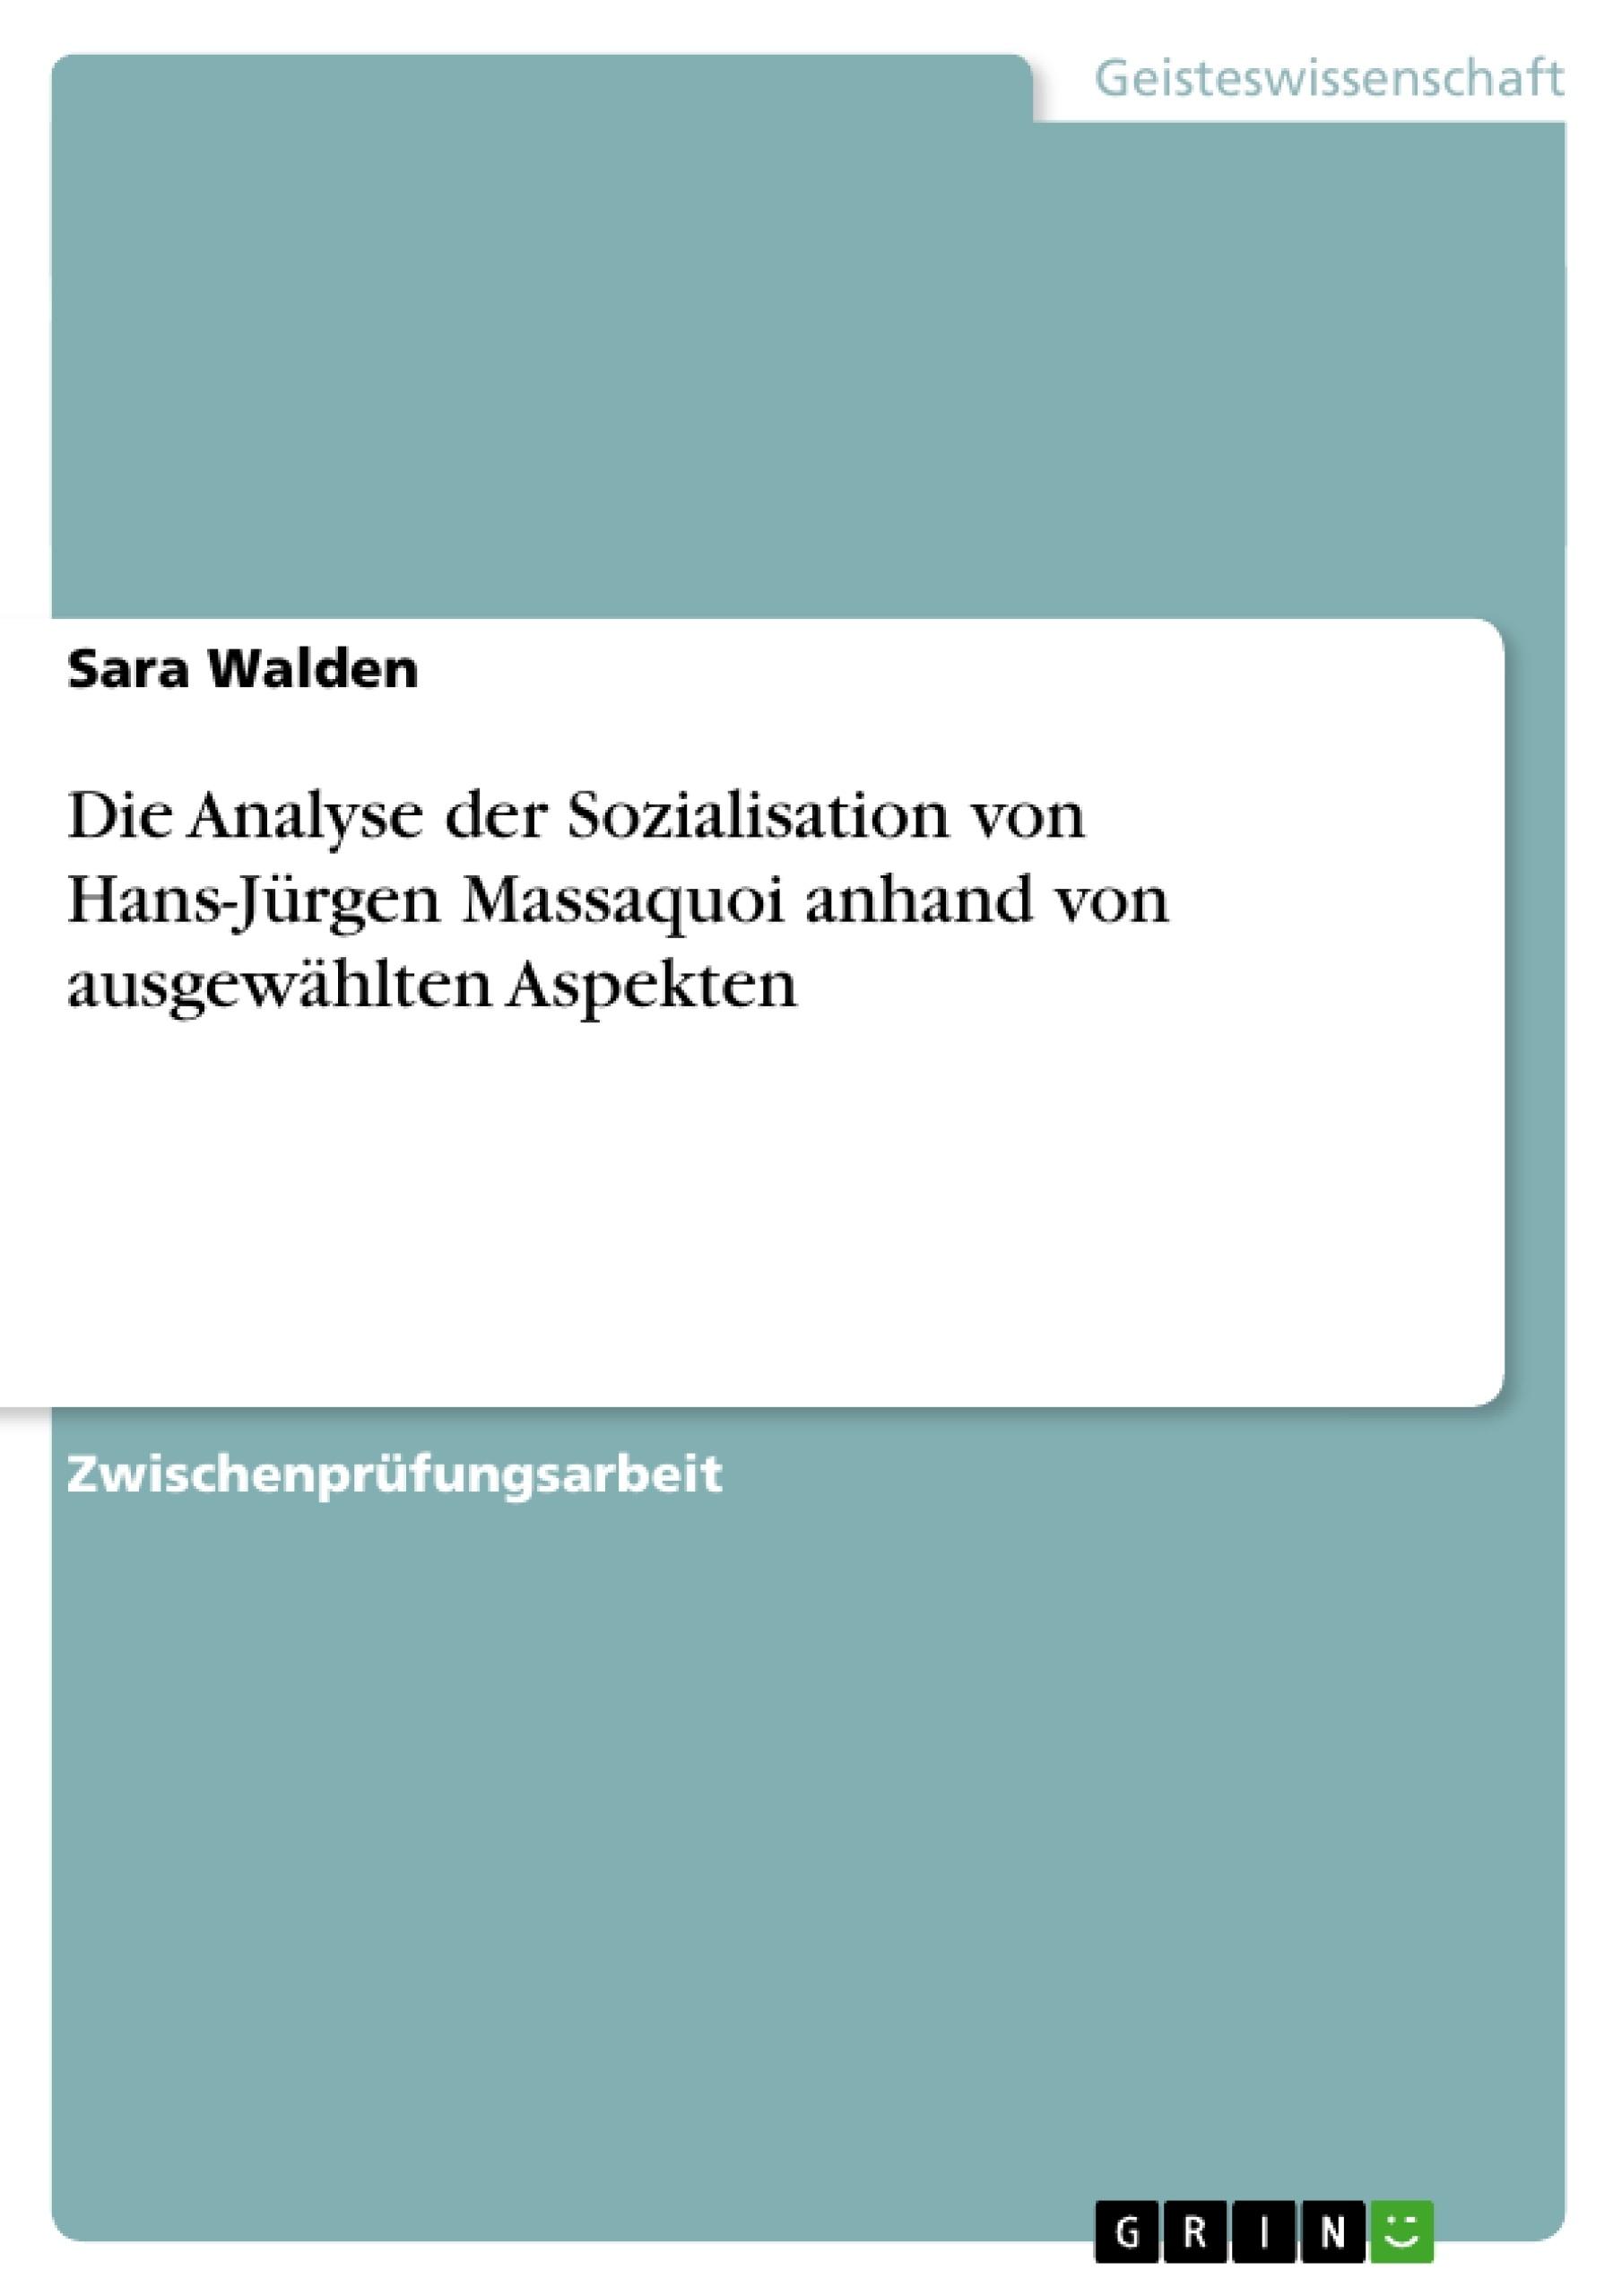 Titel: Die Analyse der Sozialisation von Hans-Jürgen Massaquoi anhand von ausgewählten Aspekten